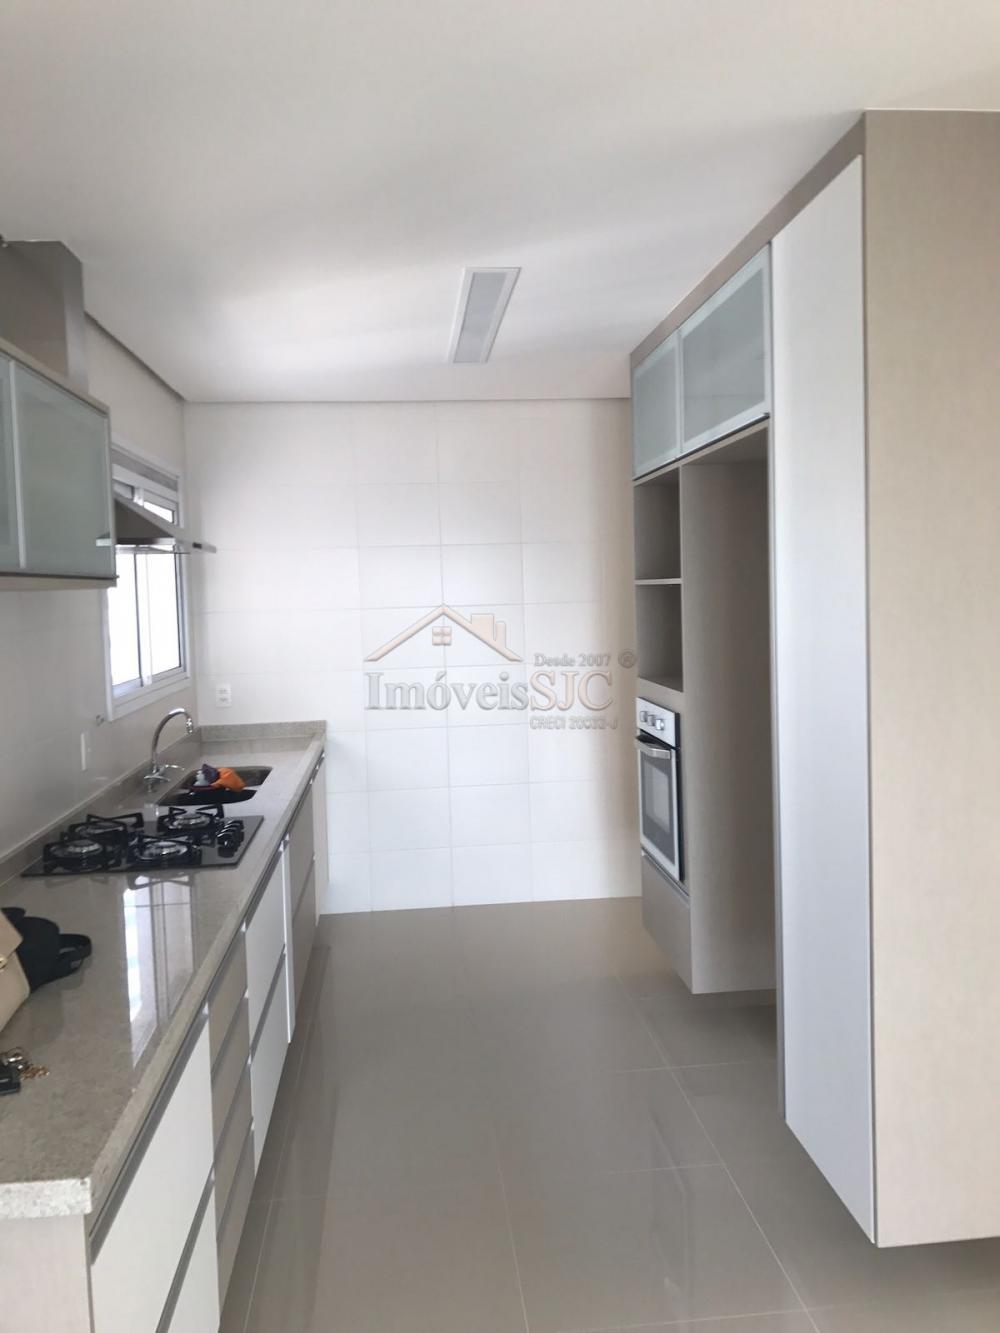 Alugar Apartamentos / Padrão em São José dos Campos apenas R$ 7.000,00 - Foto 5